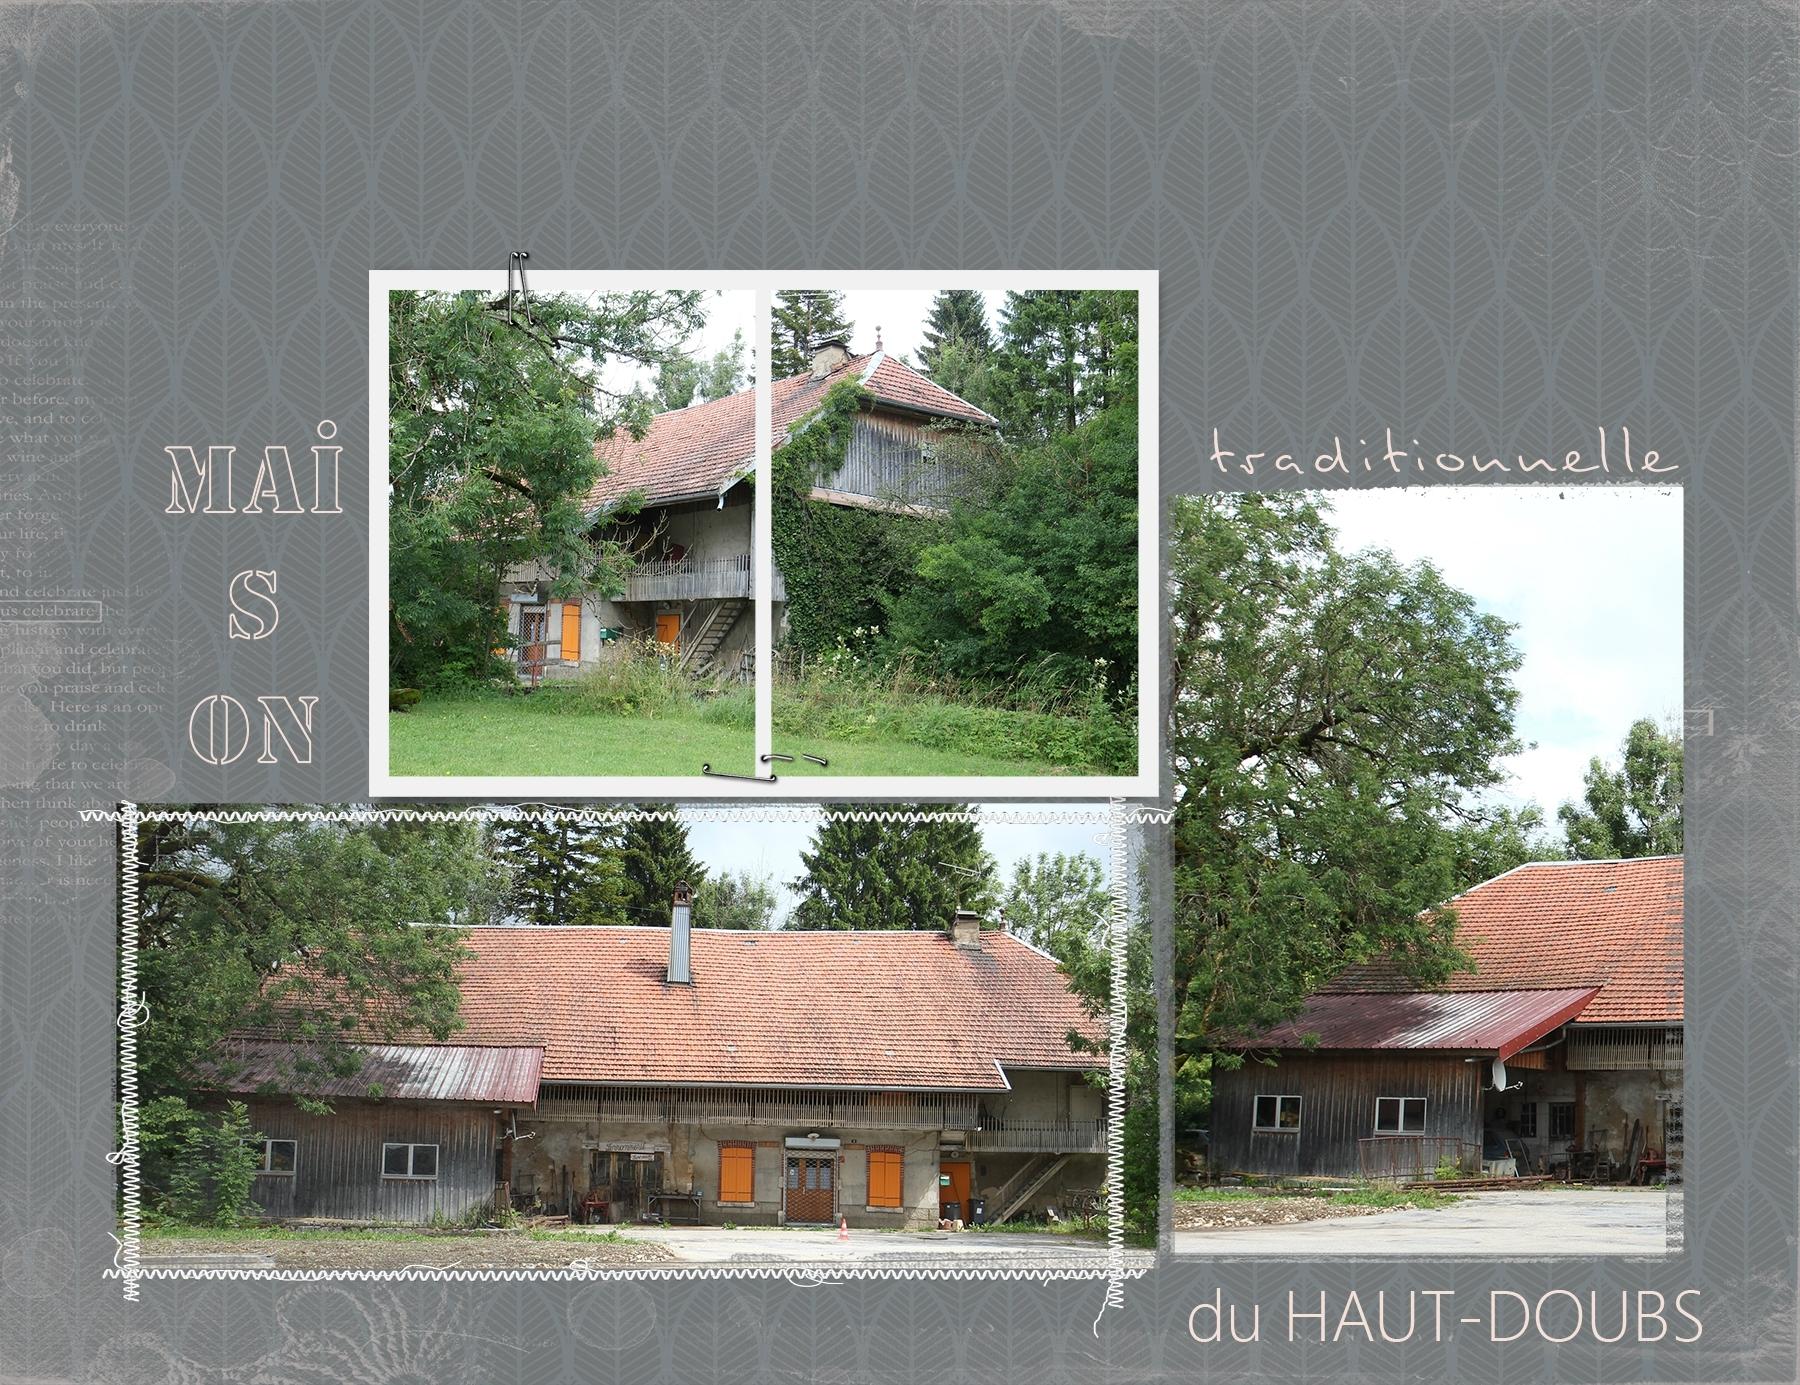 Maison du Haut-Doubs_AASPN_FotoInspiredTemplatePack2C